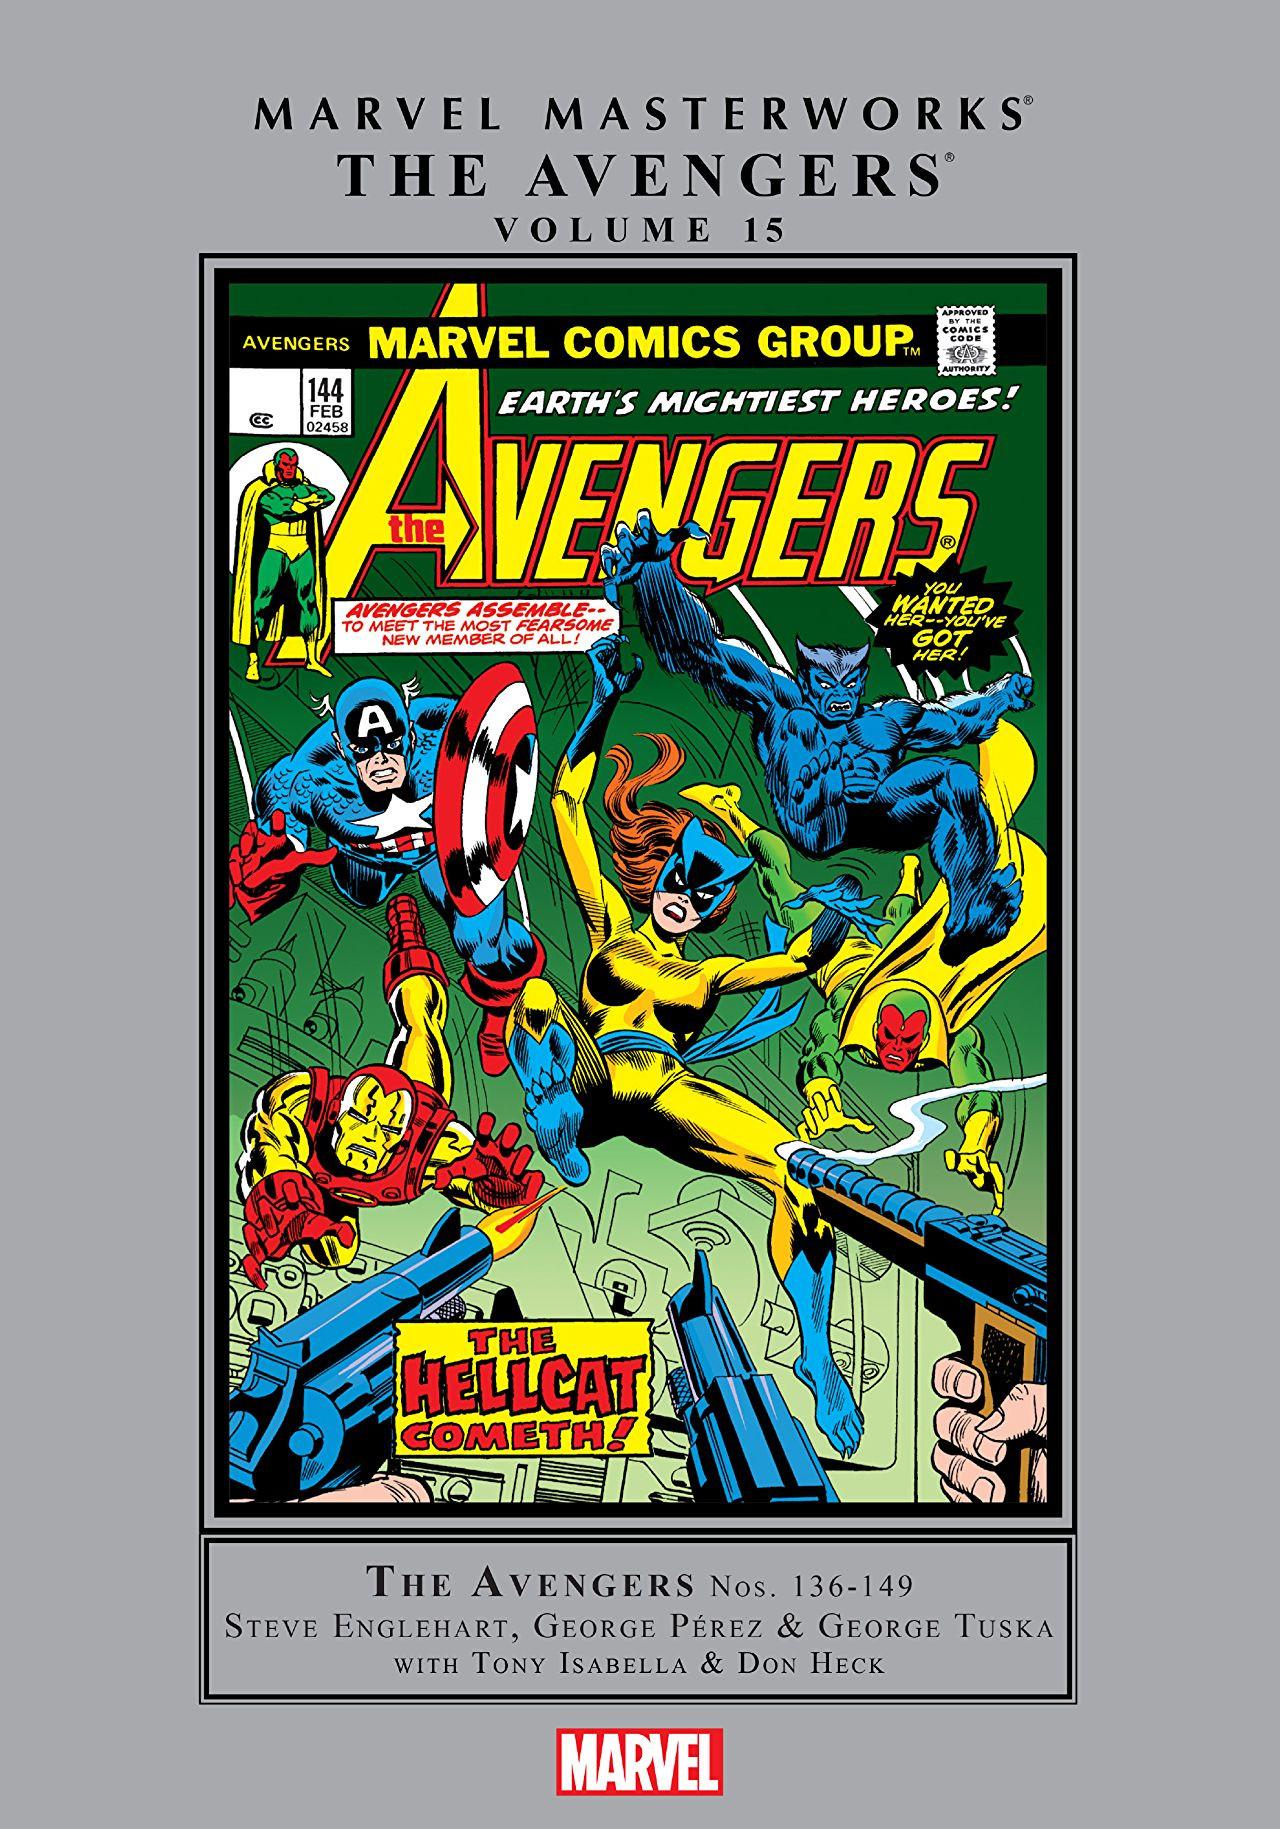 Marvel Masterworks: Avengers Vol 1 15